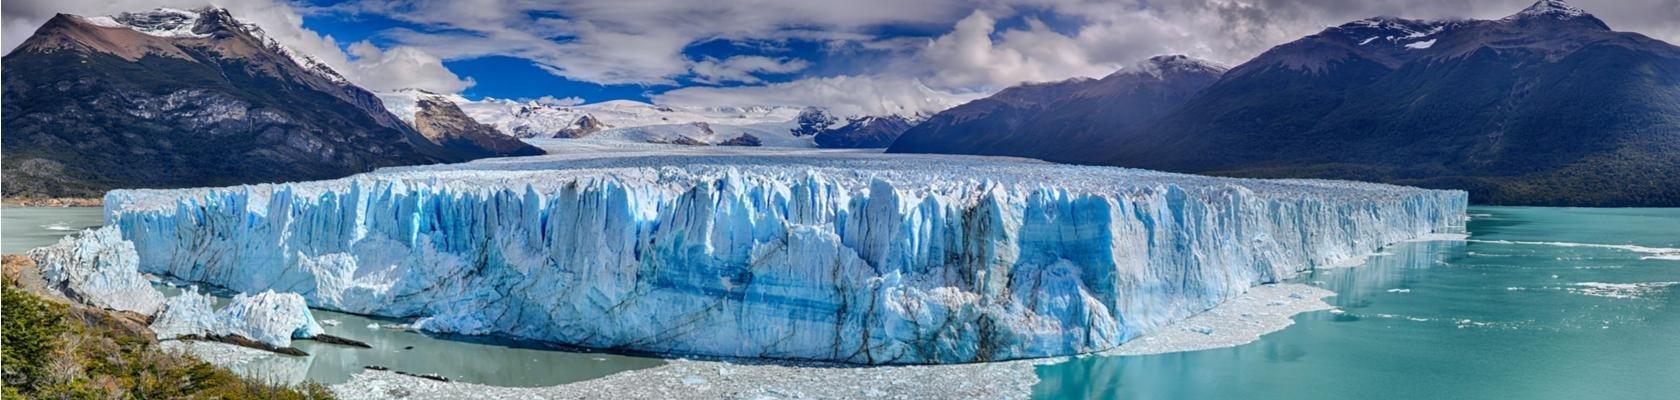 Beroemde Perito Moreno-gletsjer